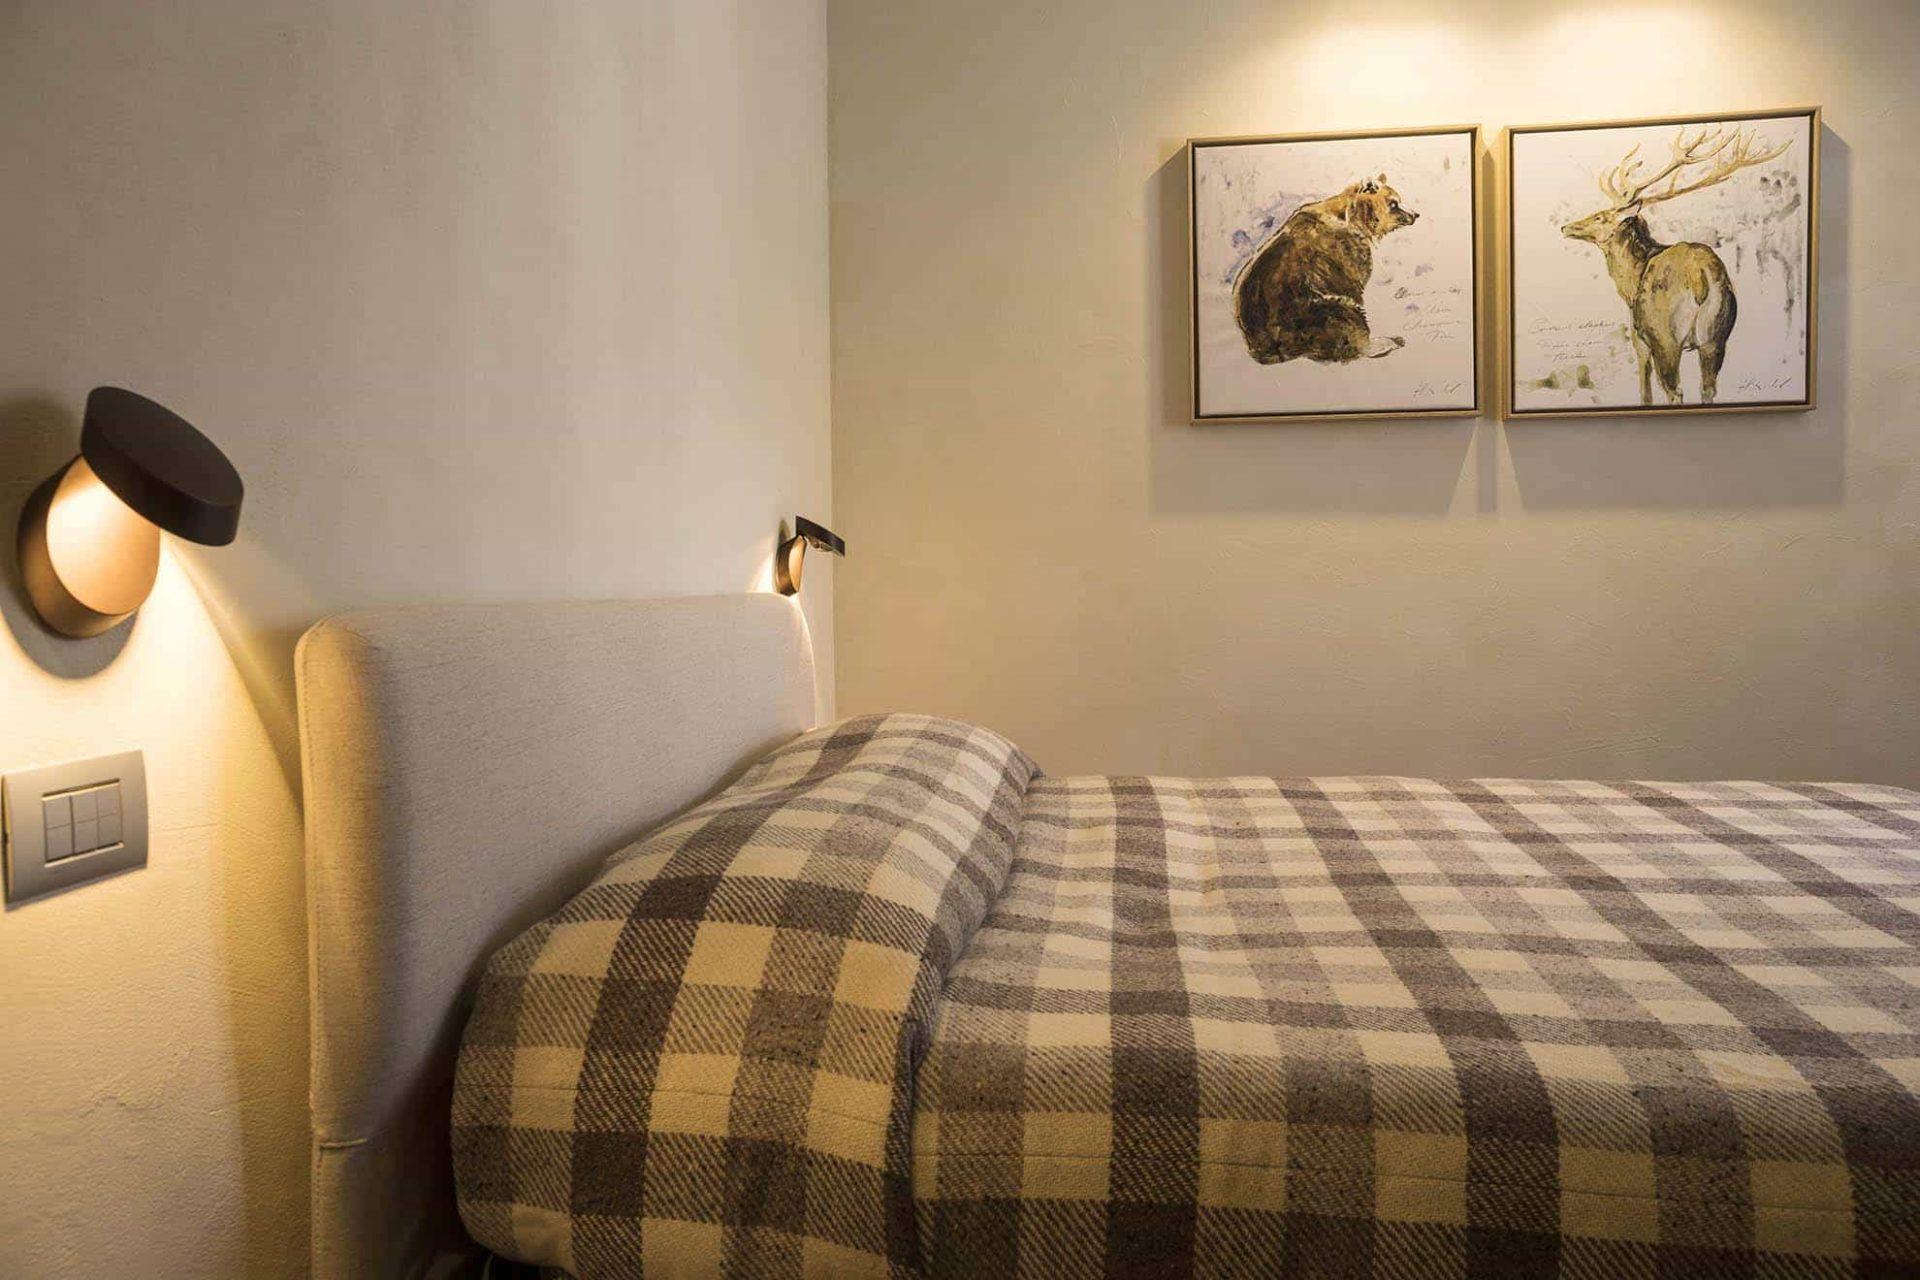 Ristrutturazione e interior design appartamento Courmayeur - Le Betulle - Zanetti Cantieri